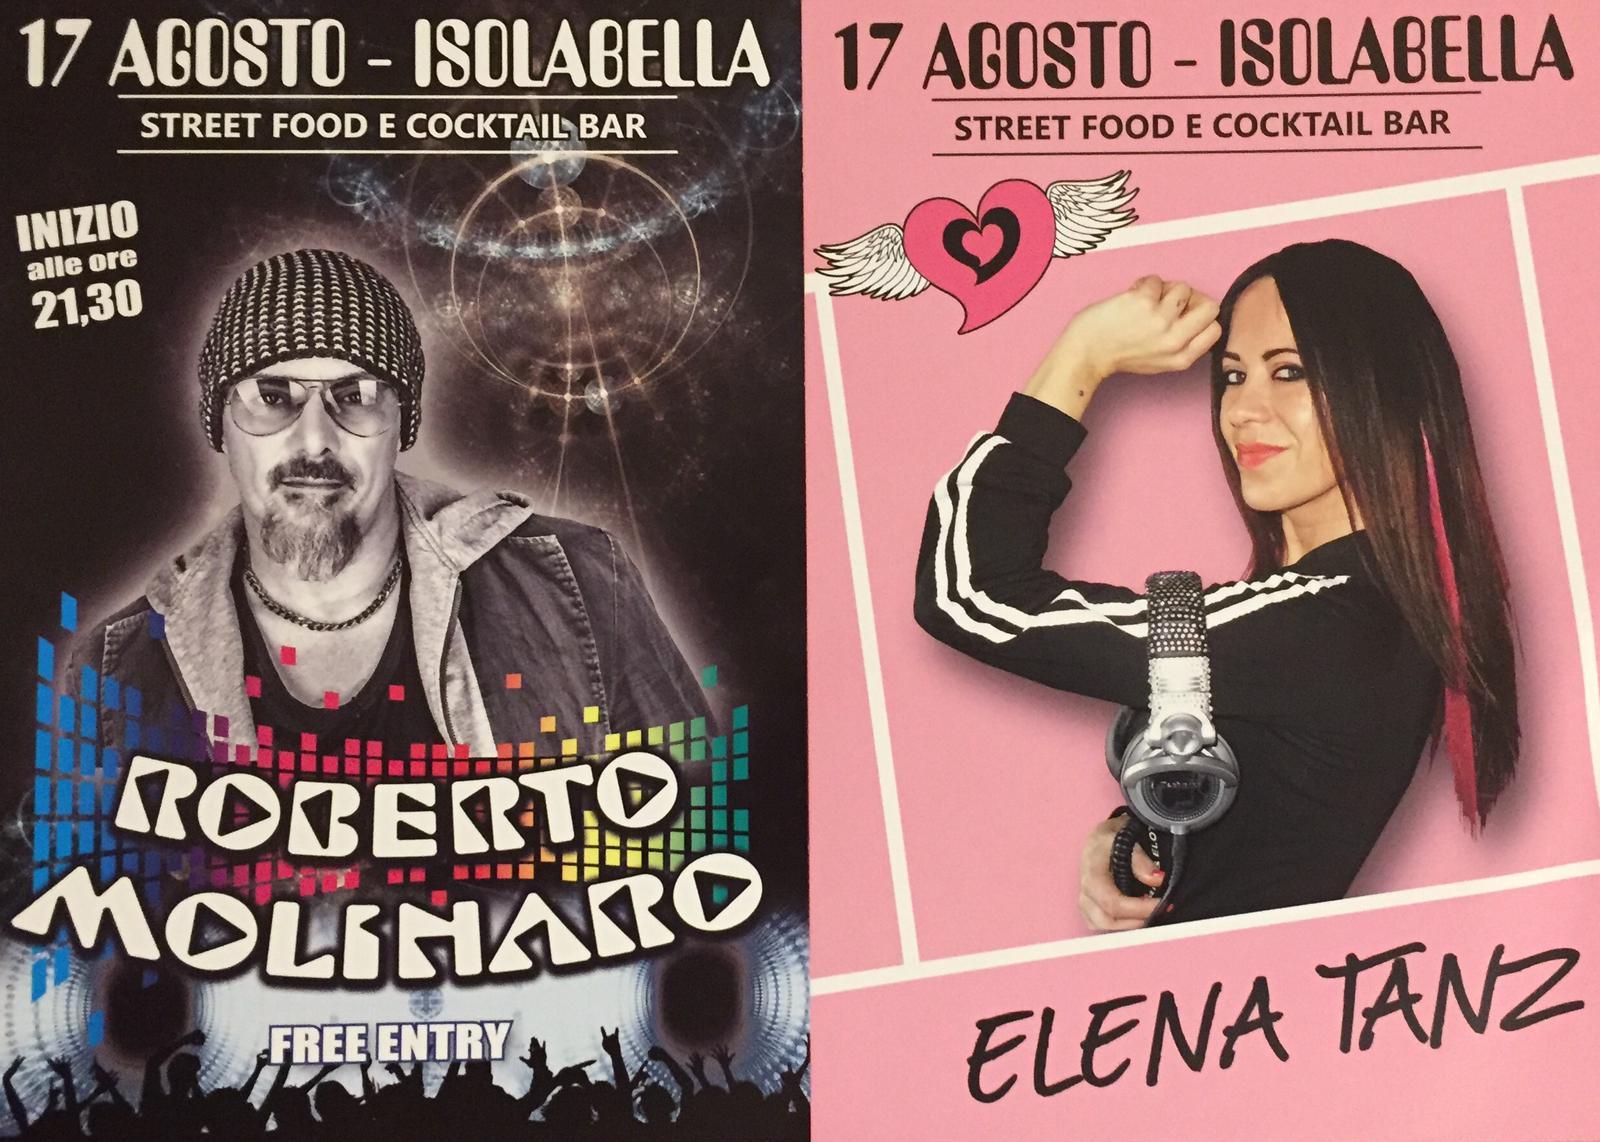 Isolabella Molinaro e Tanz aprono la festa patronale